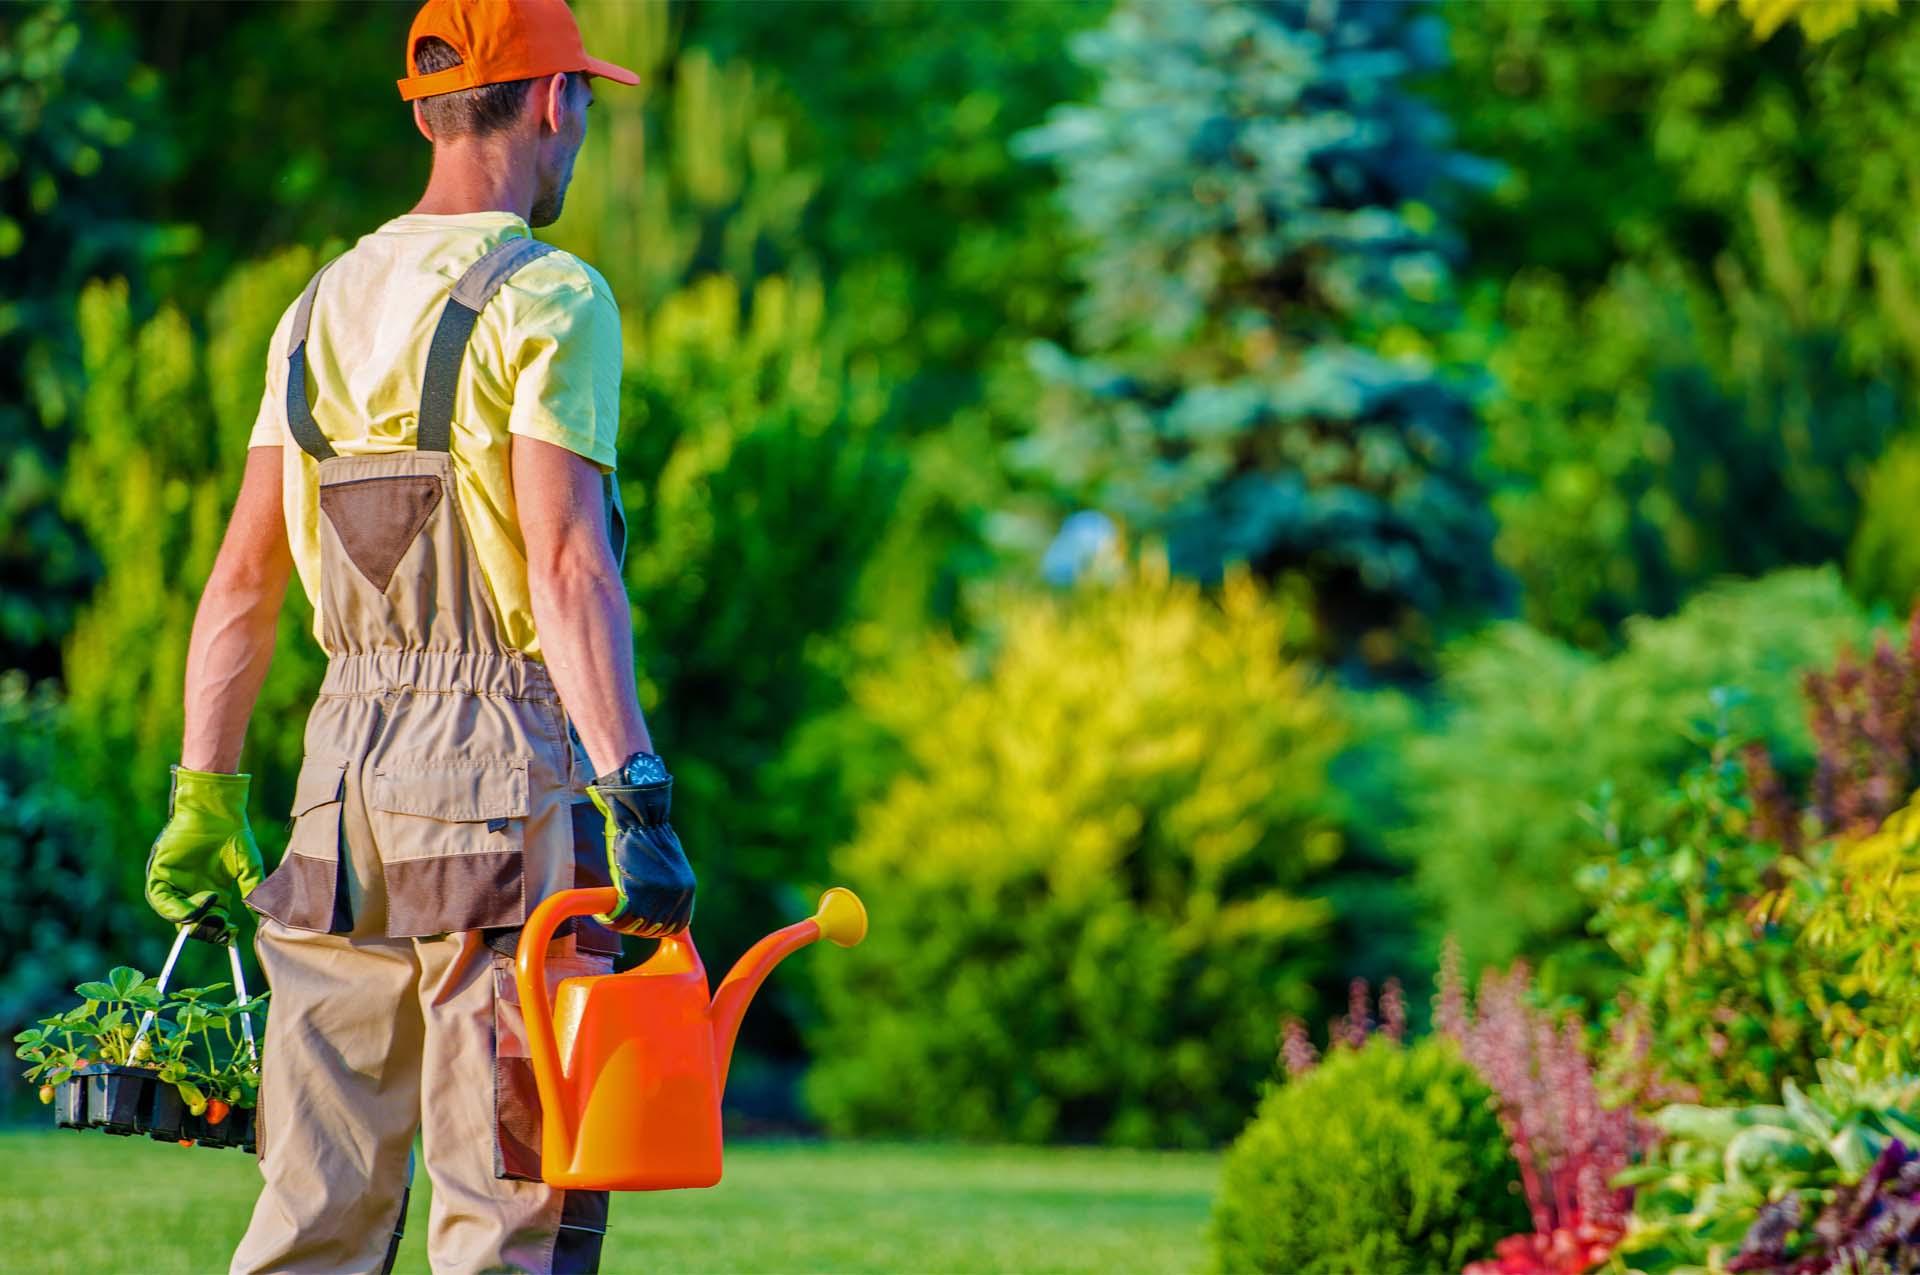 Gardener-and-His-Garden-Job.jpg